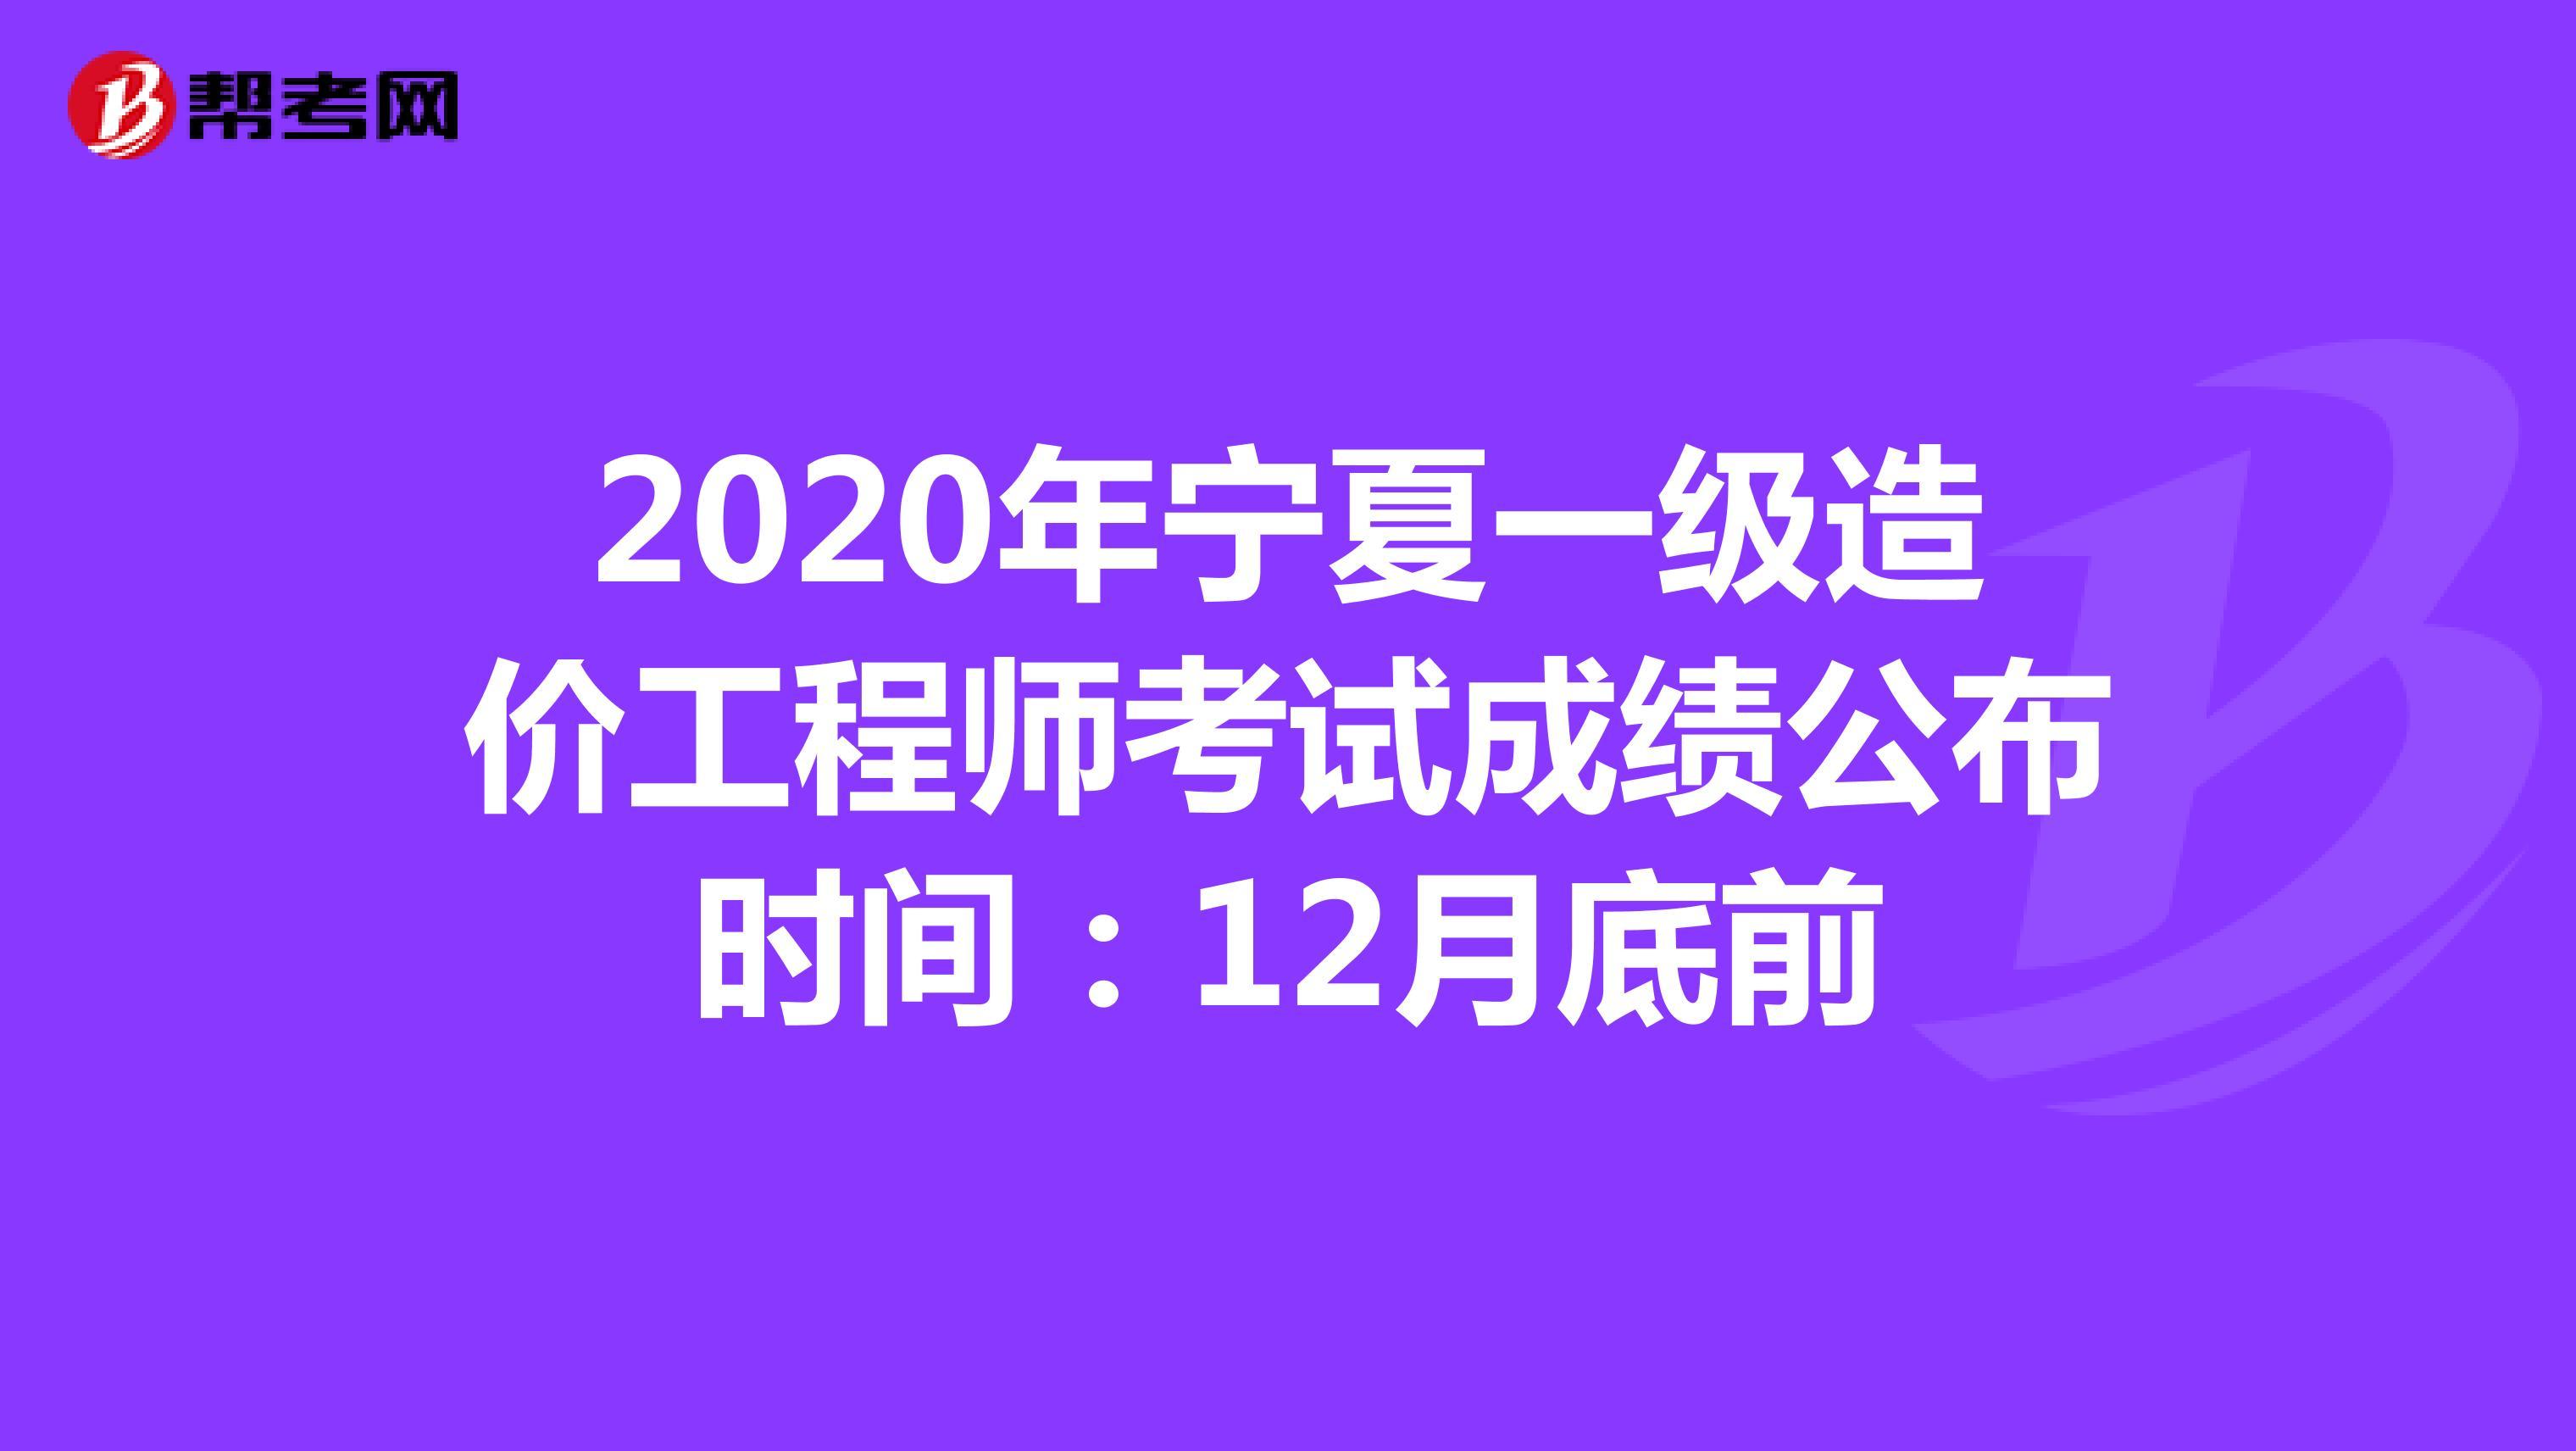 2020年宁夏一级造价工程师考试成绩公布时间:12月底前